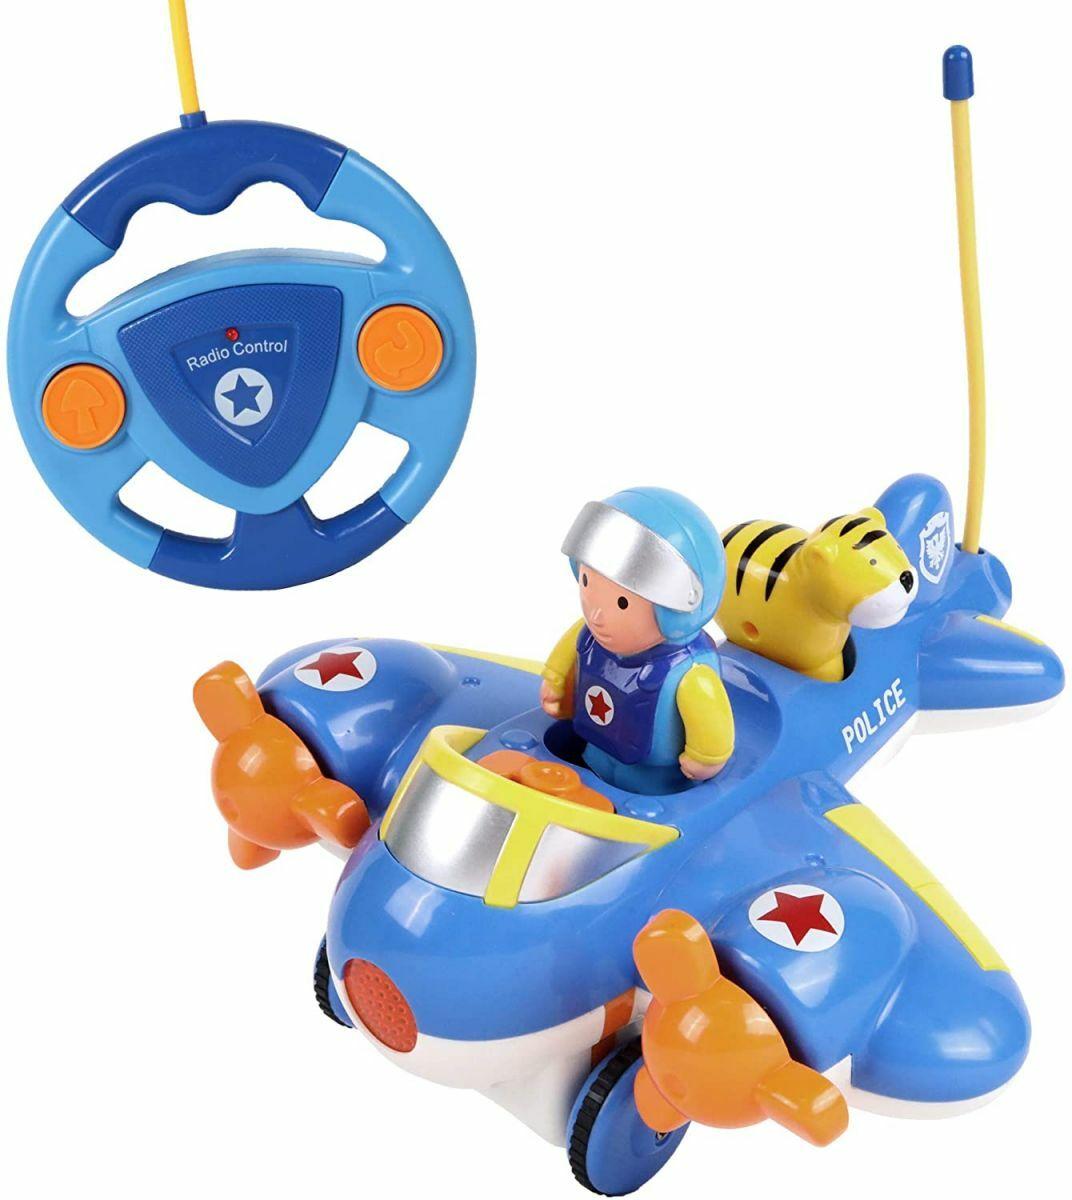 modele rc samolot dla dzieci